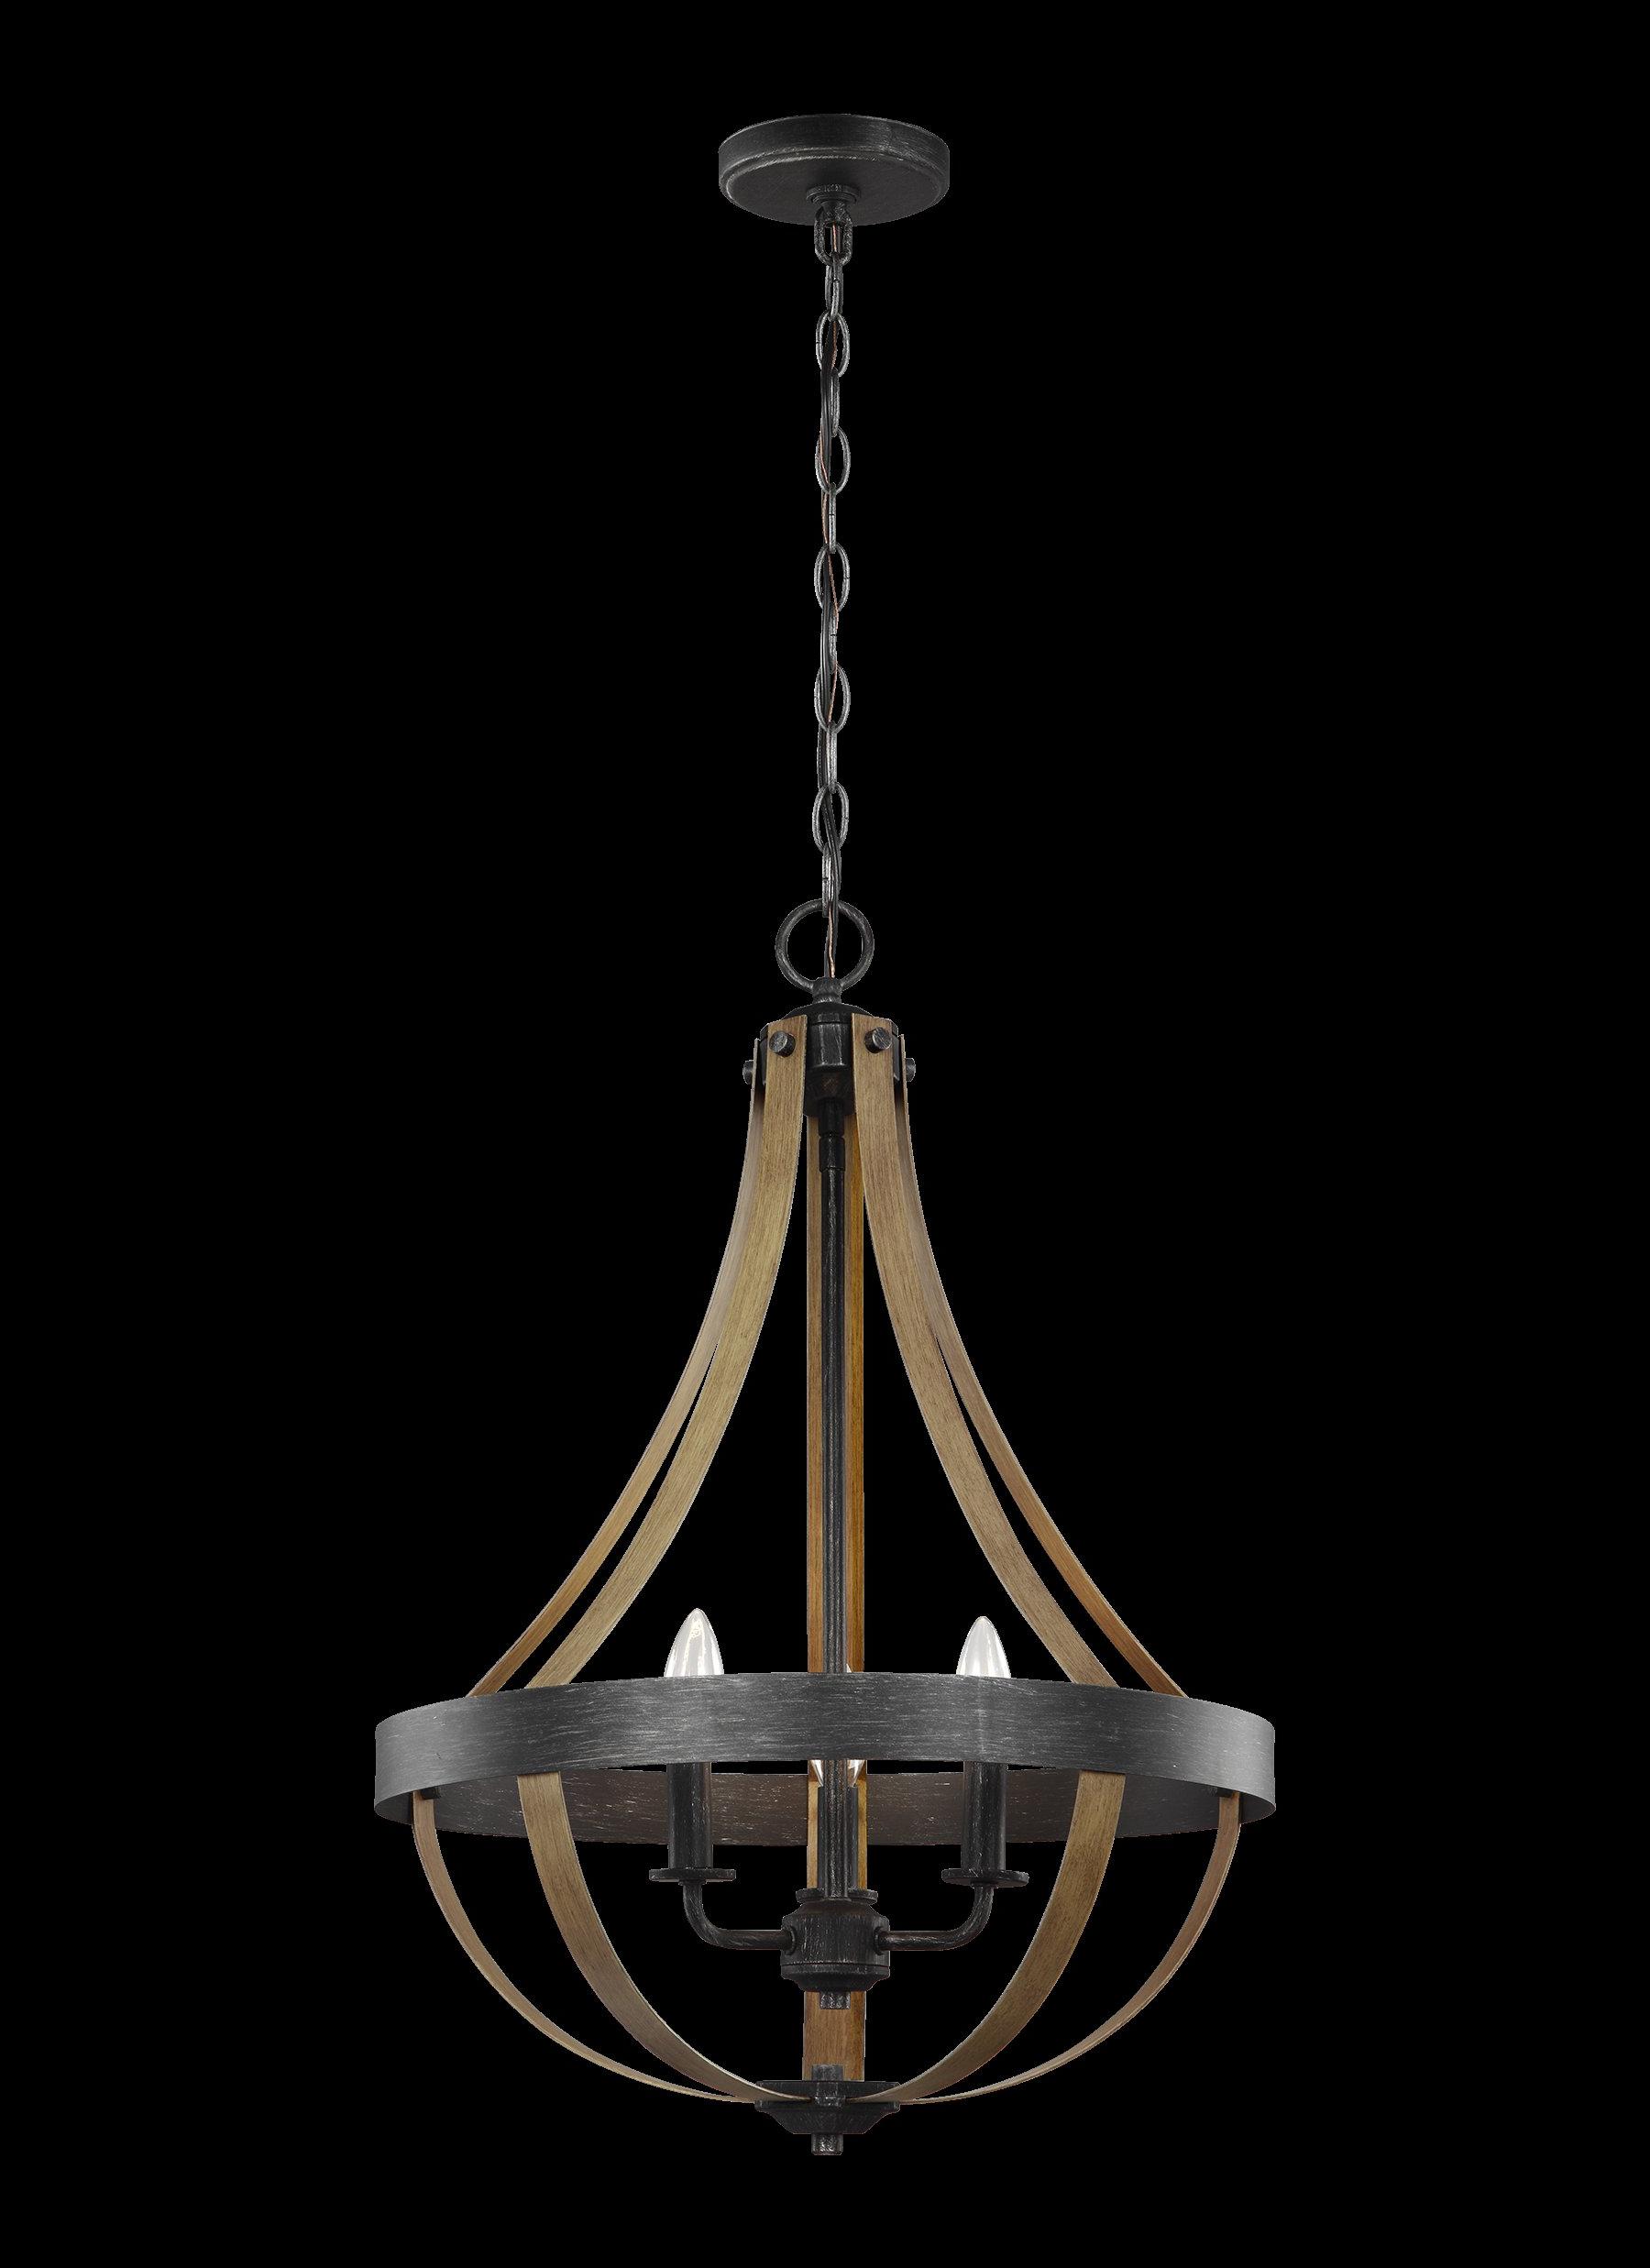 Charlton Home Van Horne 3 Light Single Teardrop Pendant Pertaining To Preferred Van Horne 3 Light Single Teardrop Pendants (Gallery 2 of 20)